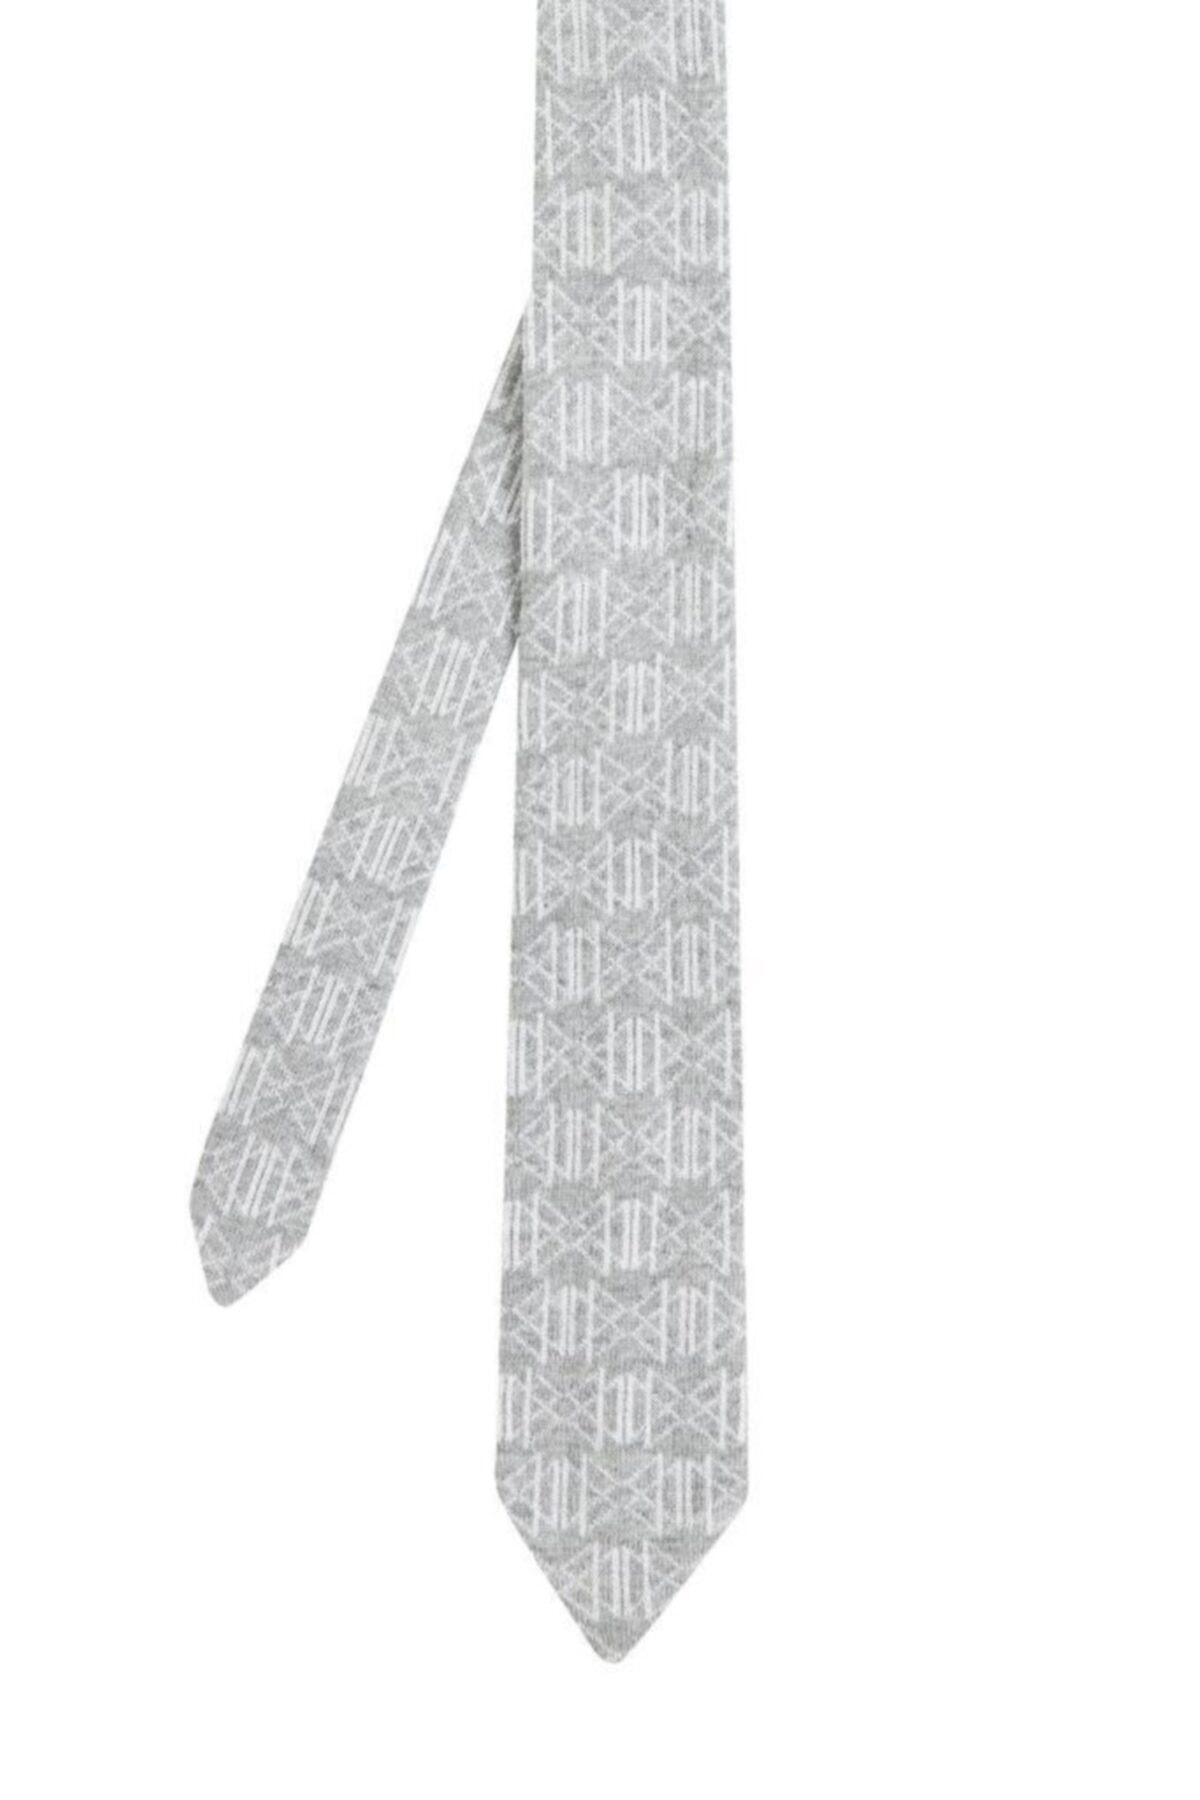 Hemington Desenli Açık Gri Örgü Kravat 1